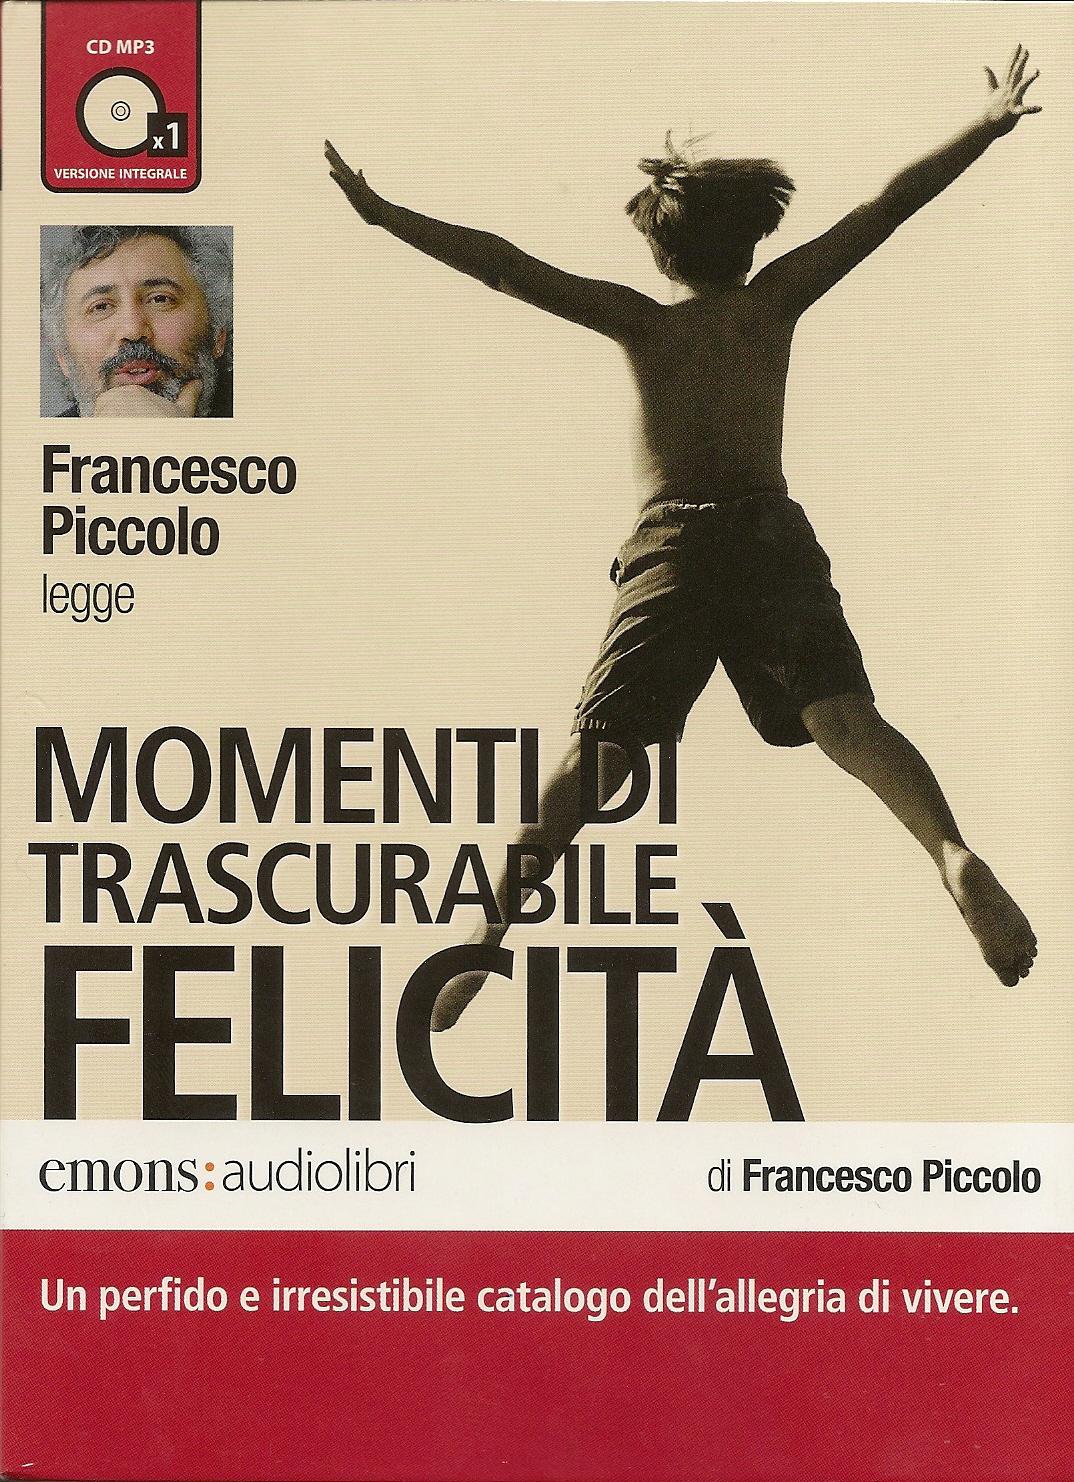 Momenti di trascurabile Felicita - Francesco Piccolo